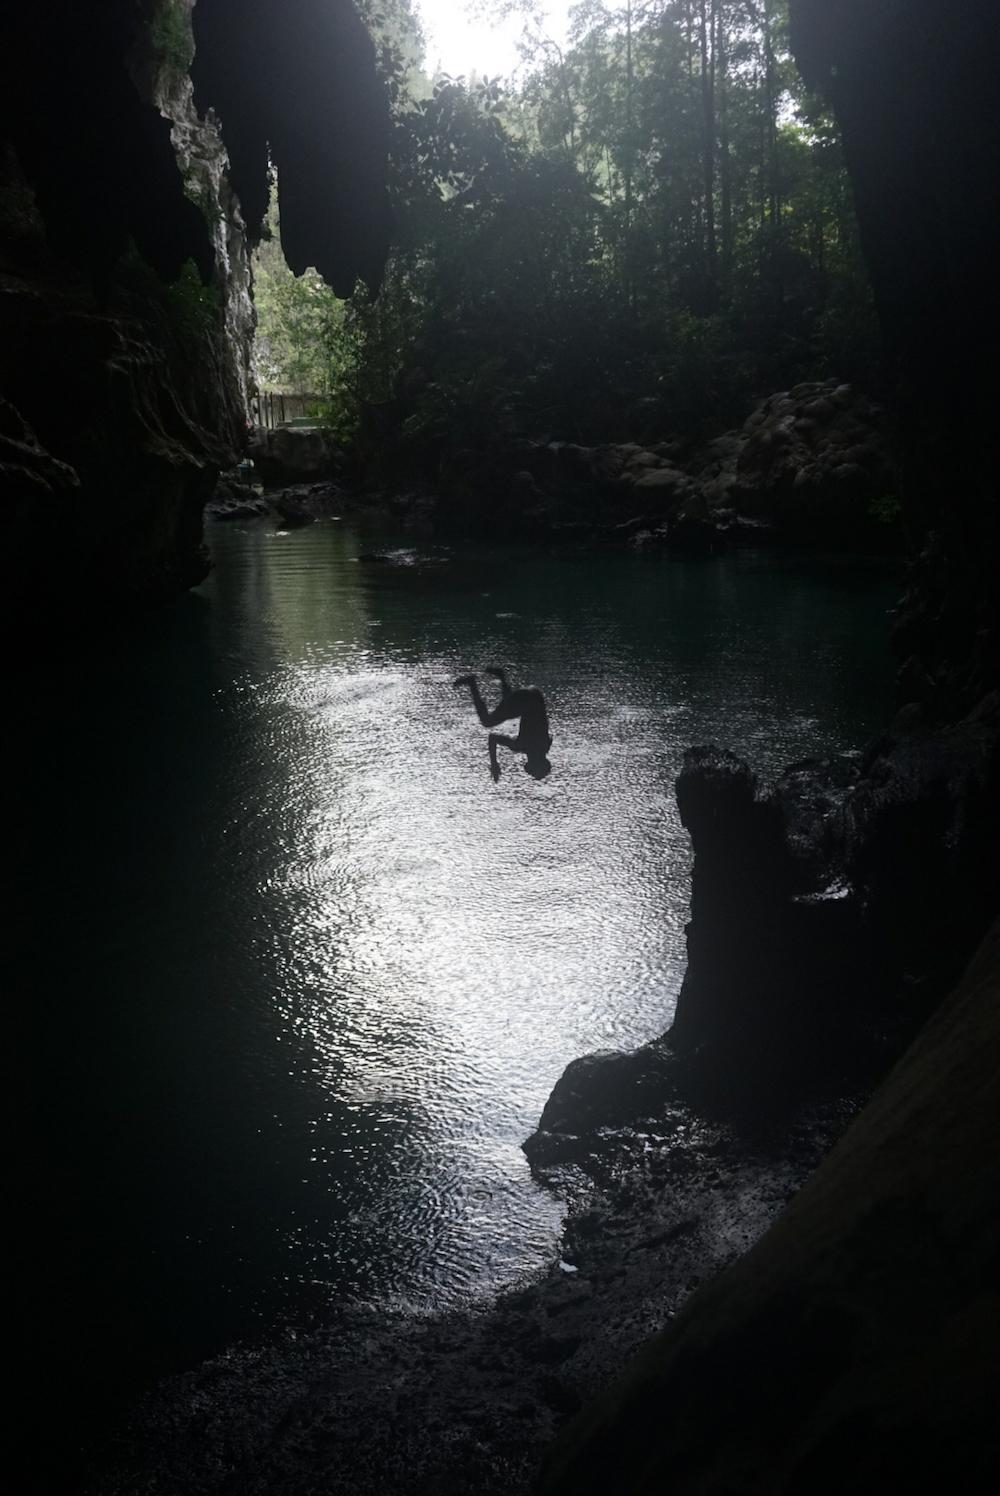 Misool_Wagemutige können in der Keramat-Höhle auch einen Sprung ins Wasser wagen